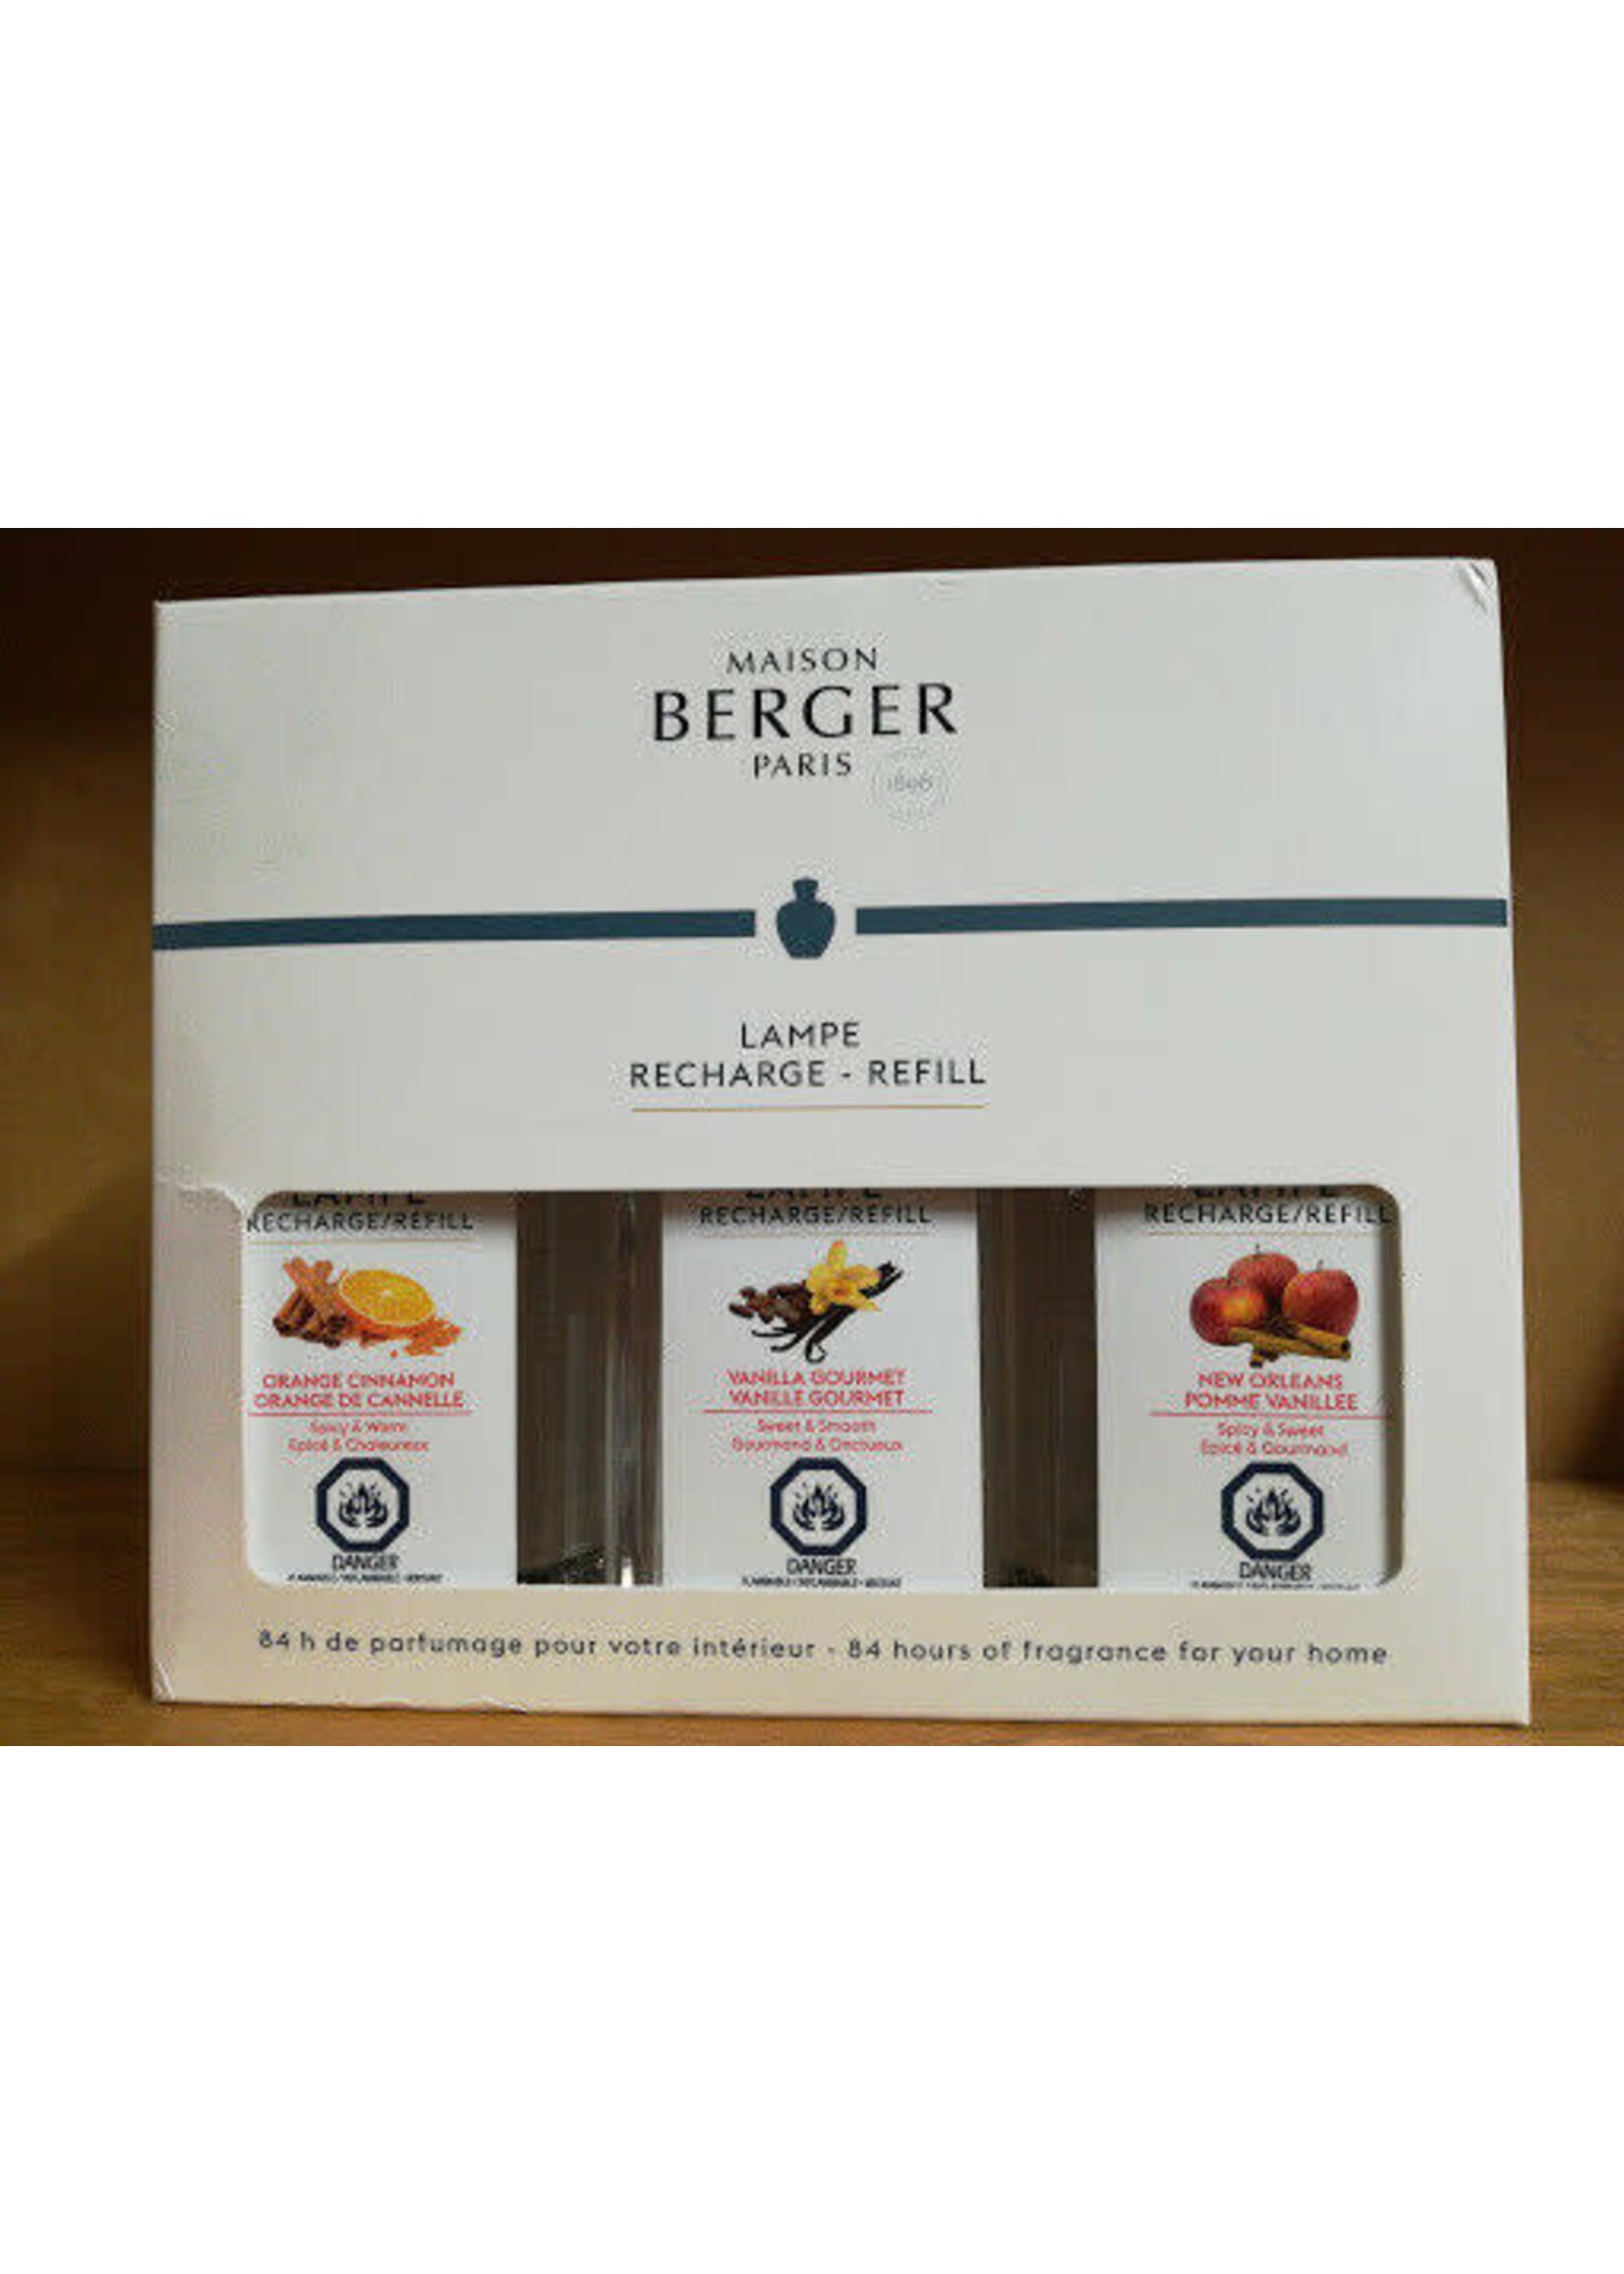 Maison Berger TrioPack Warm